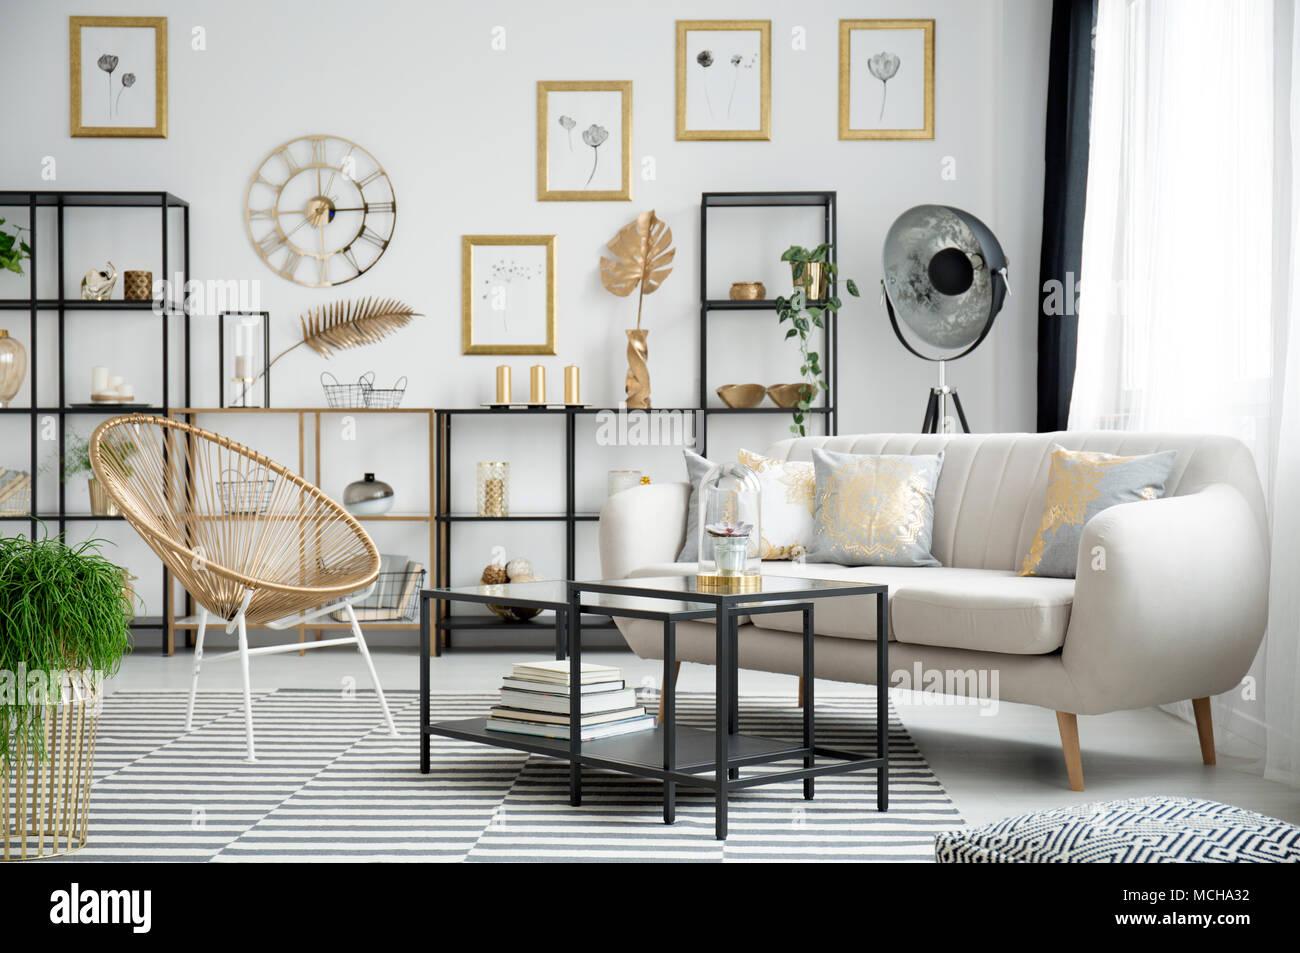 Gold Stuhl neben Schwarz und Beige Sofa im Wohnzimmer Interieur mit ...